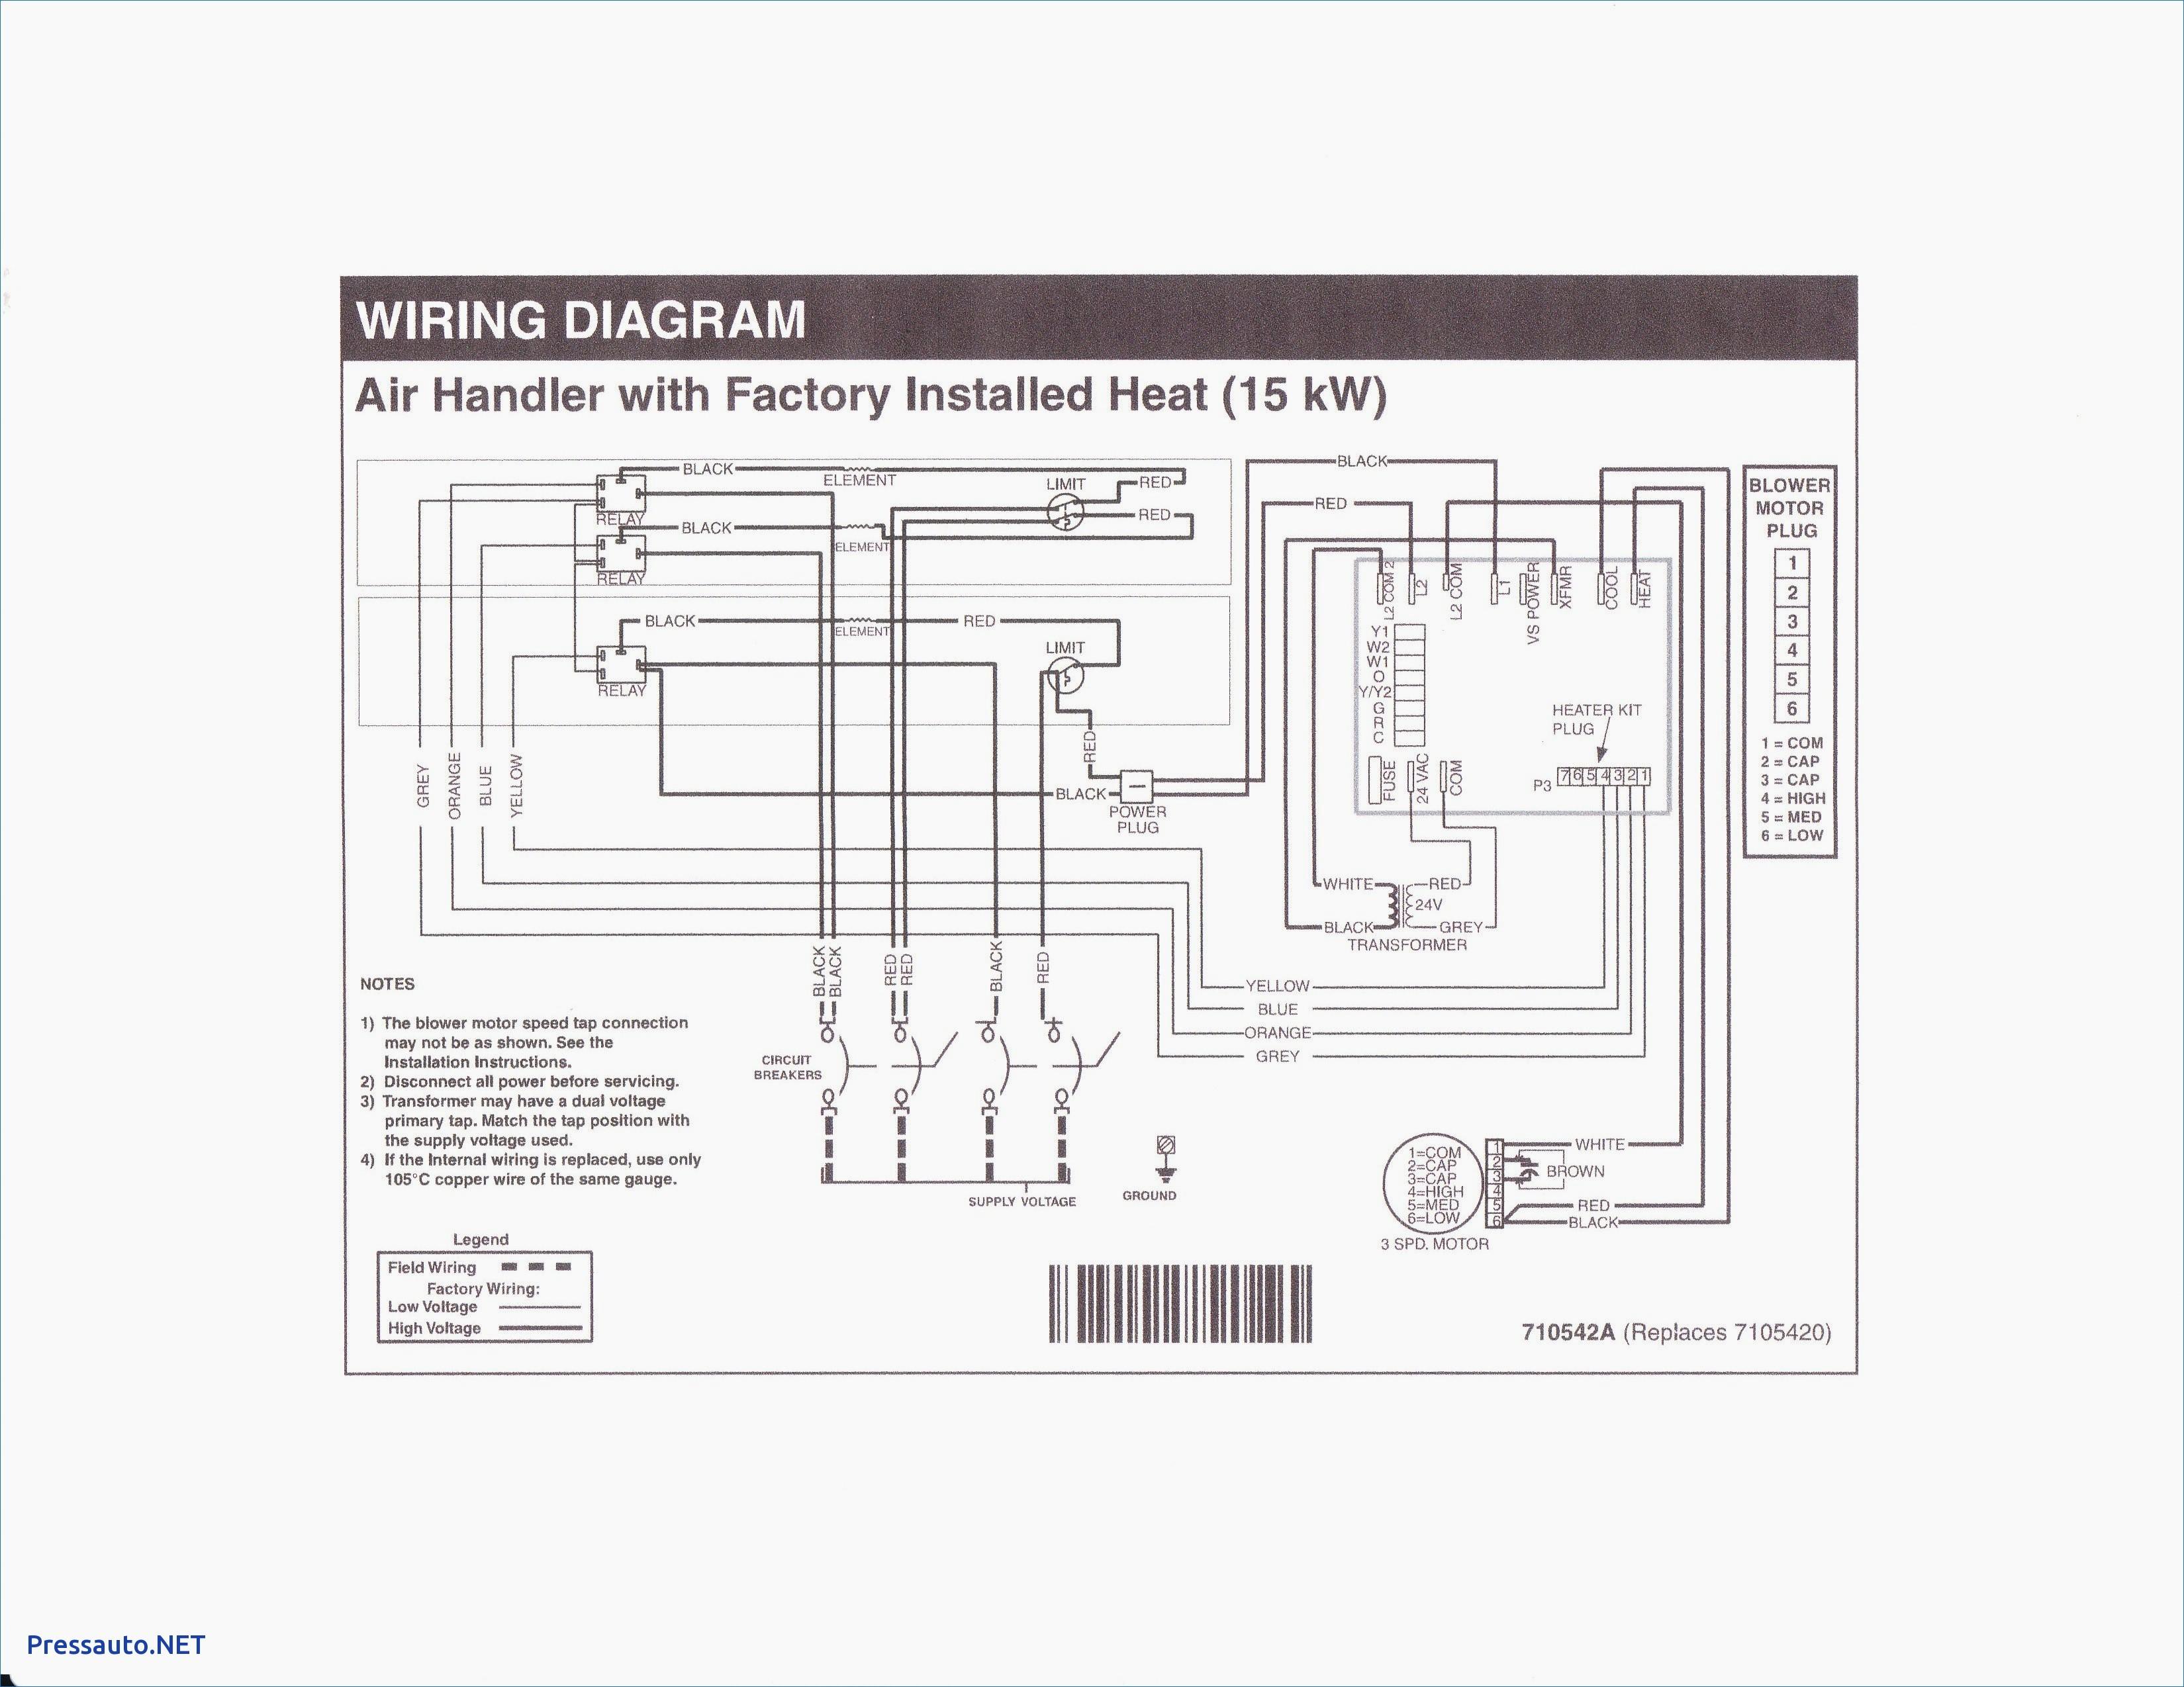 Stelpro Electric Furnace Wiring Diagram Fresh Electric Furnace Wiring Diagram New Intertherm Furnace Wiring